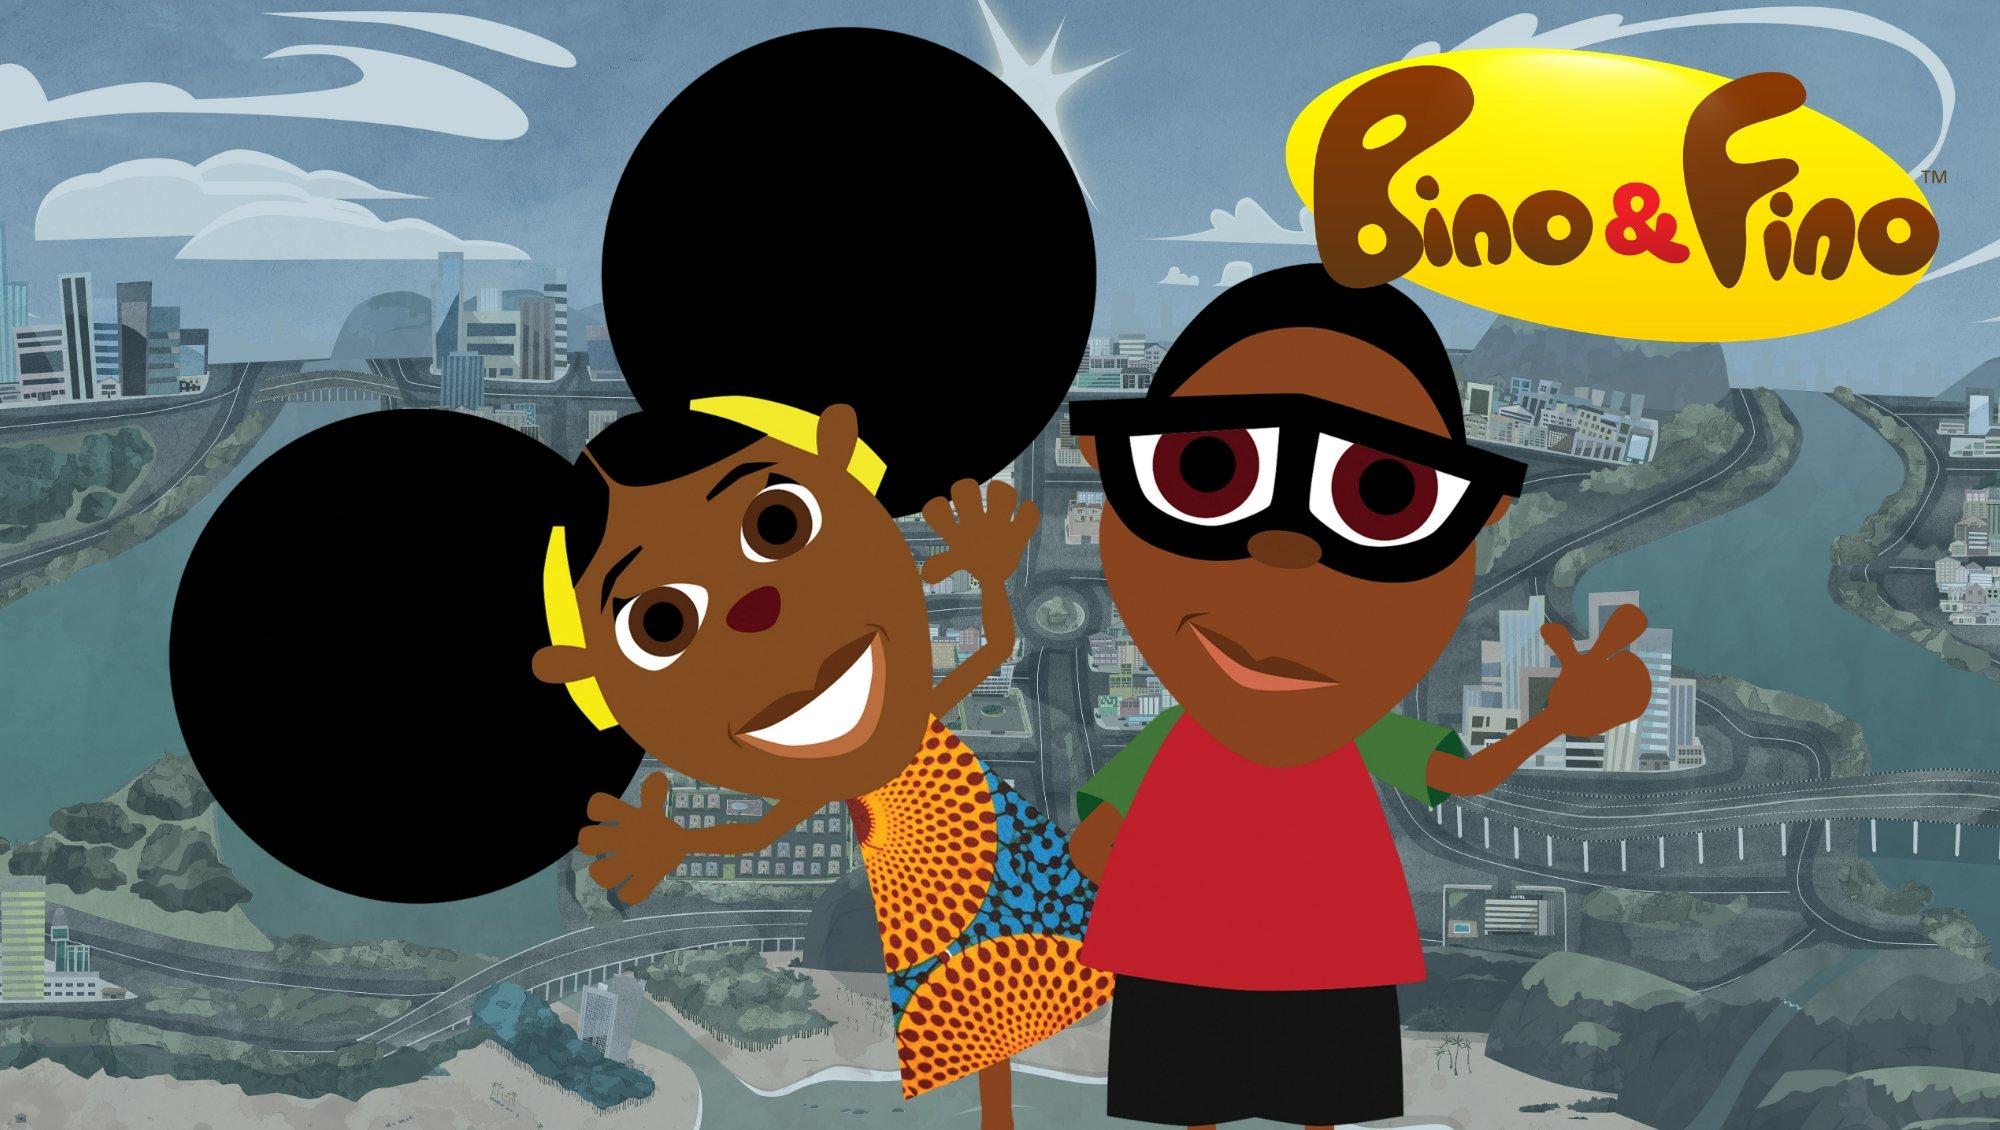 Bino & Fino to launch on London Live!